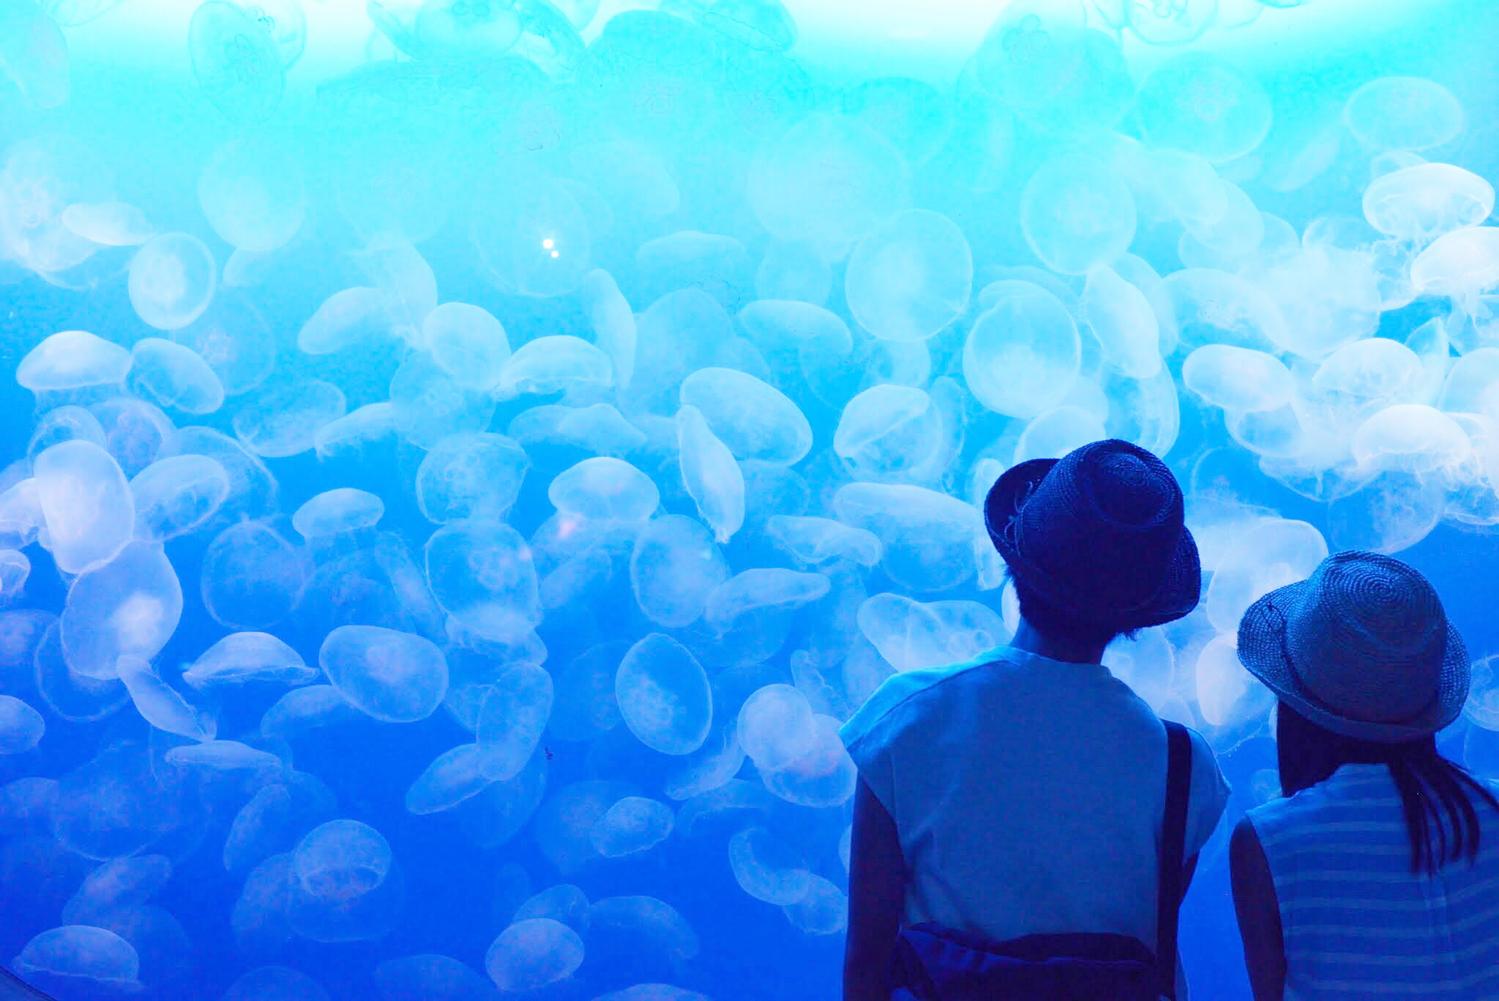 水族館でロマンティックな雰囲気に浸って